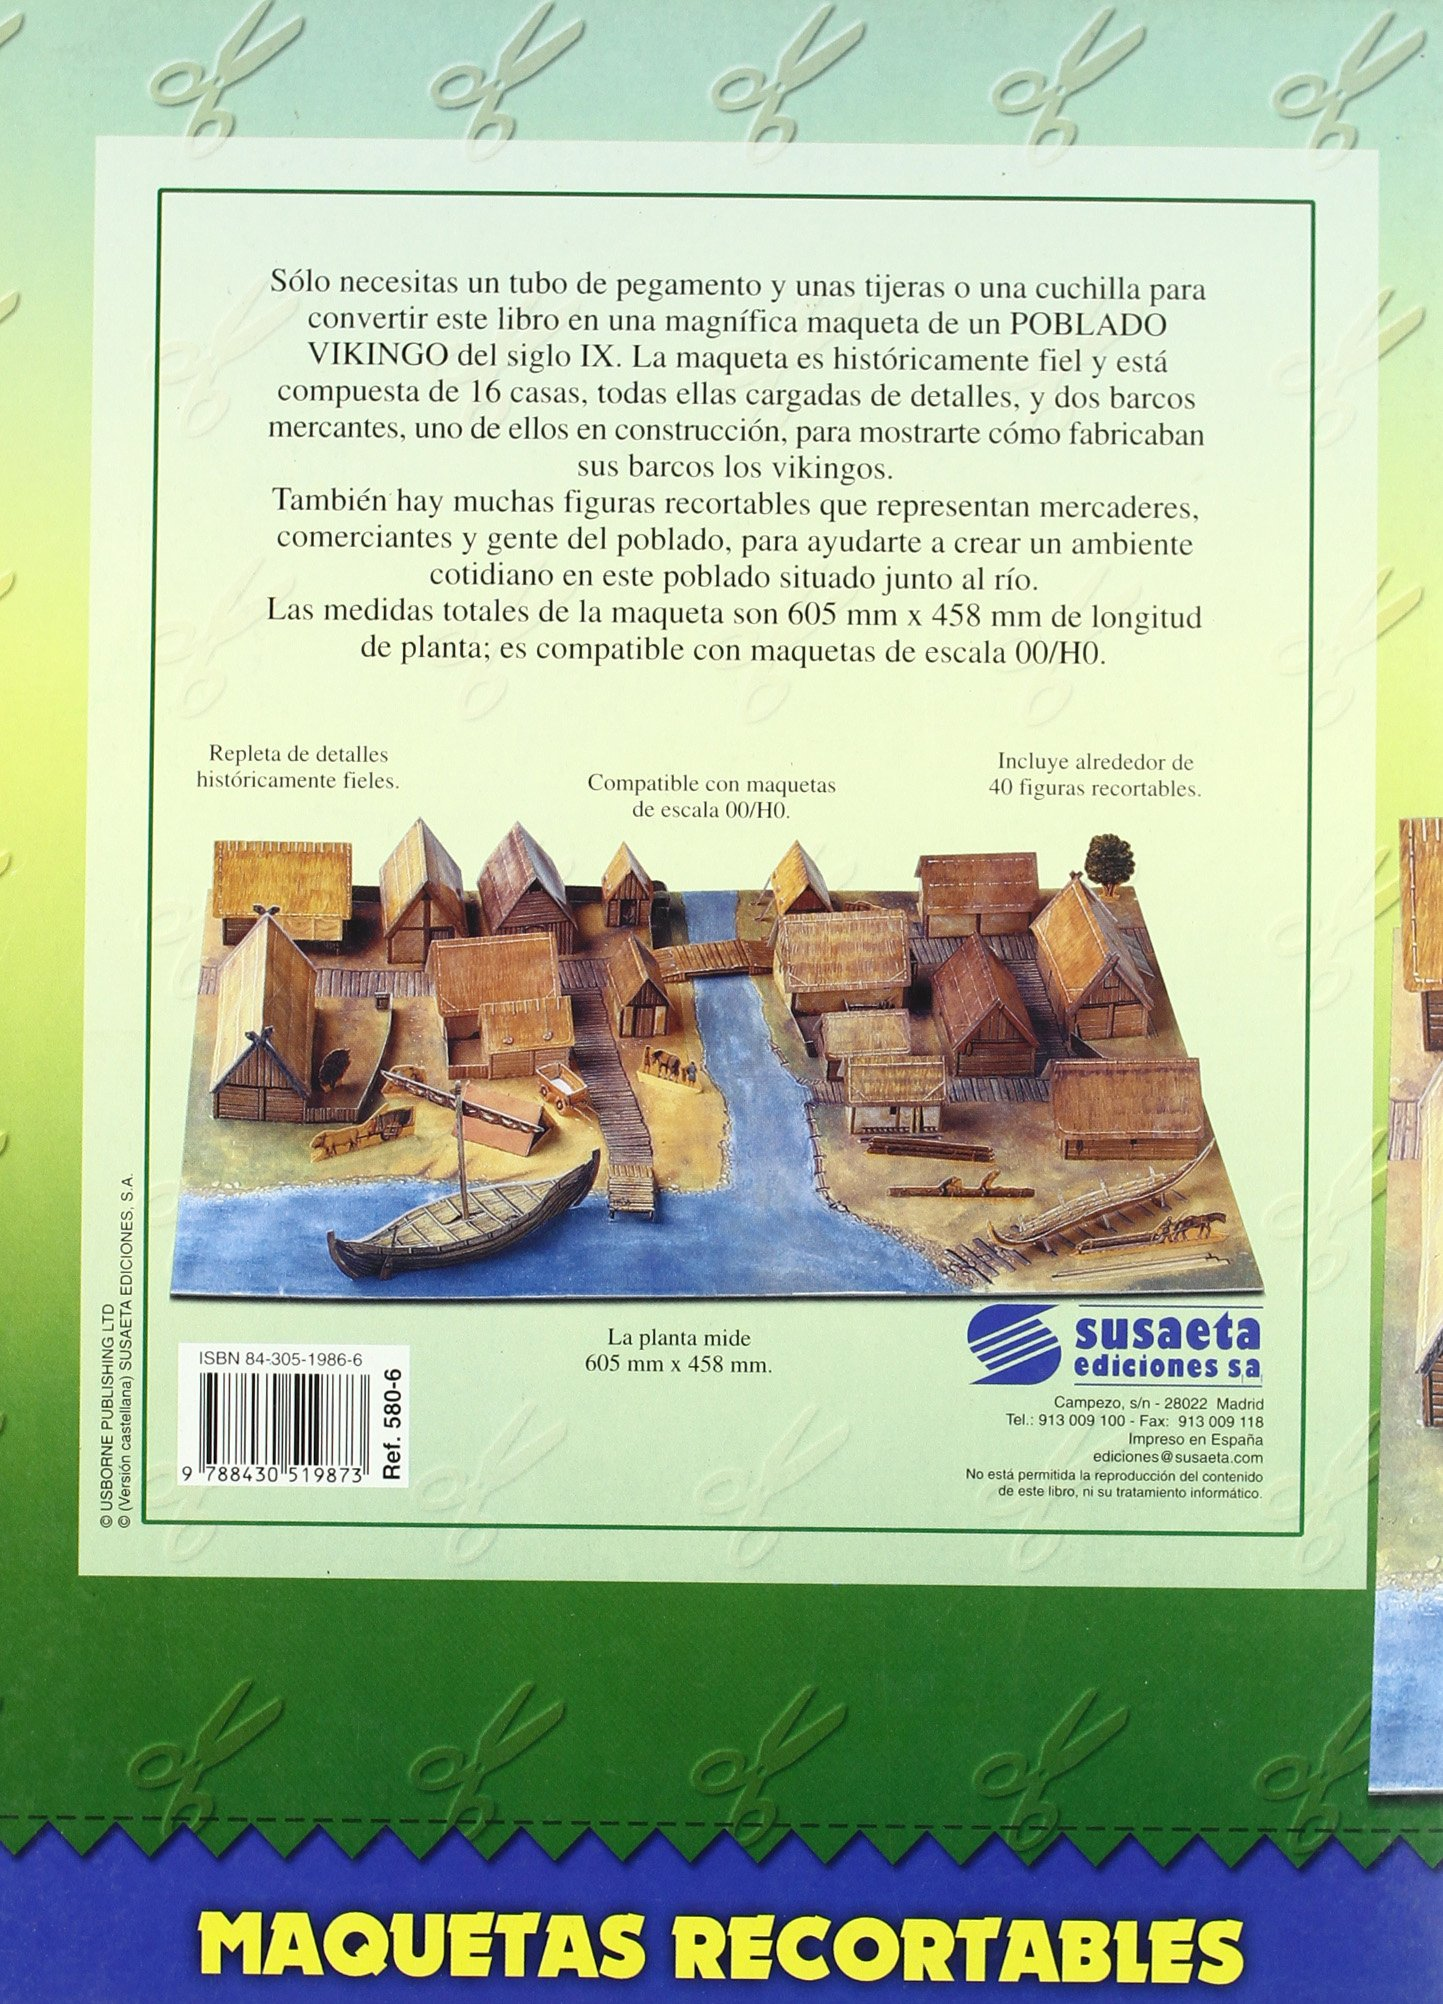 Poblado Vikingo (Maquetas Recortables): Amazon.es: Libros